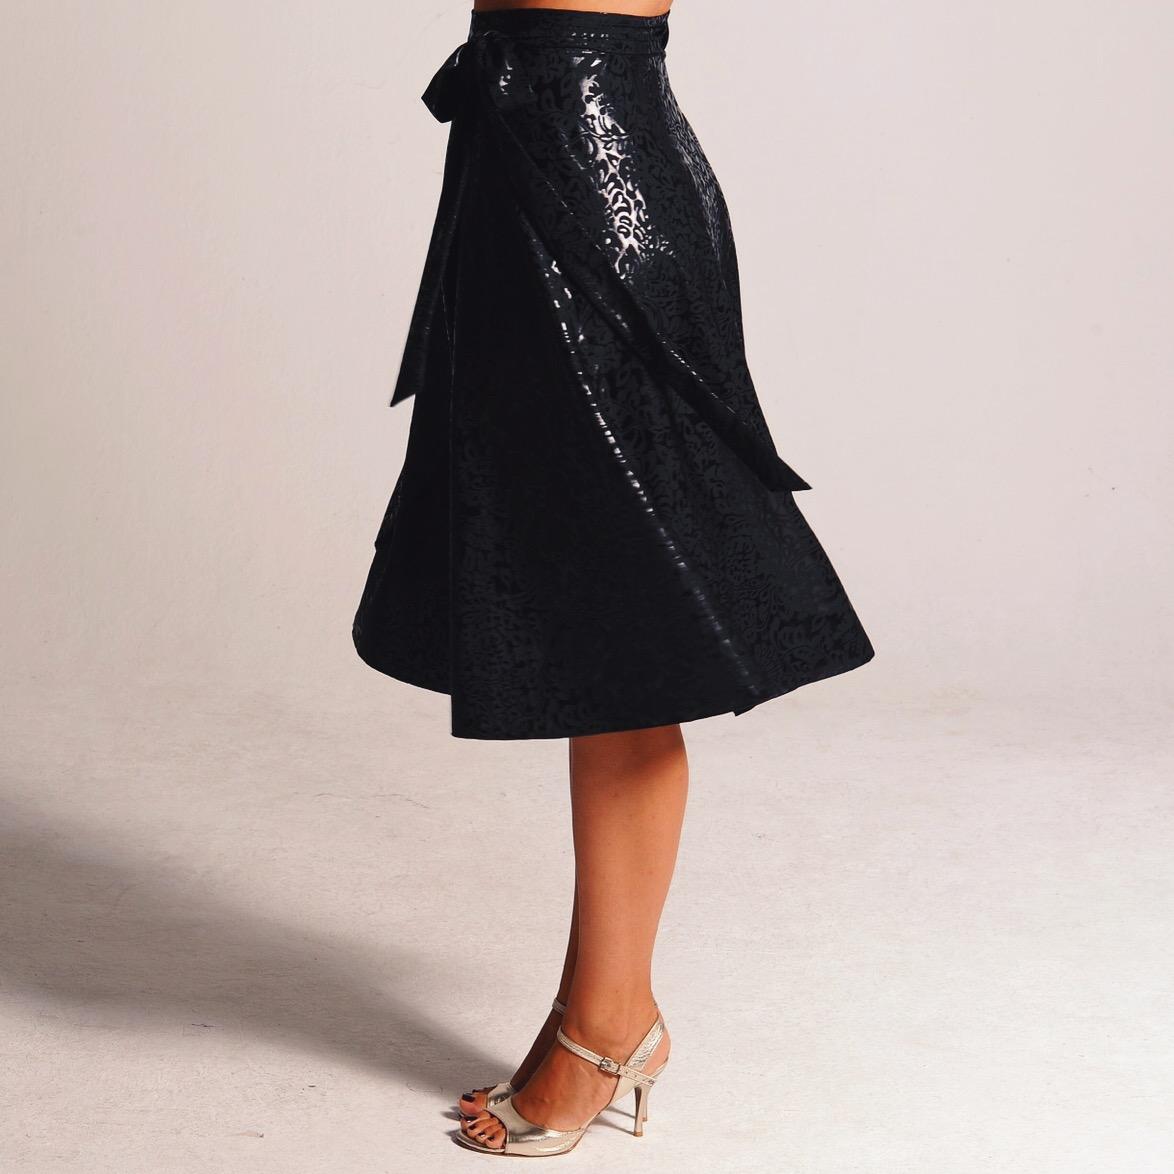 black_shimmer_tango_skirt_coco.JPG